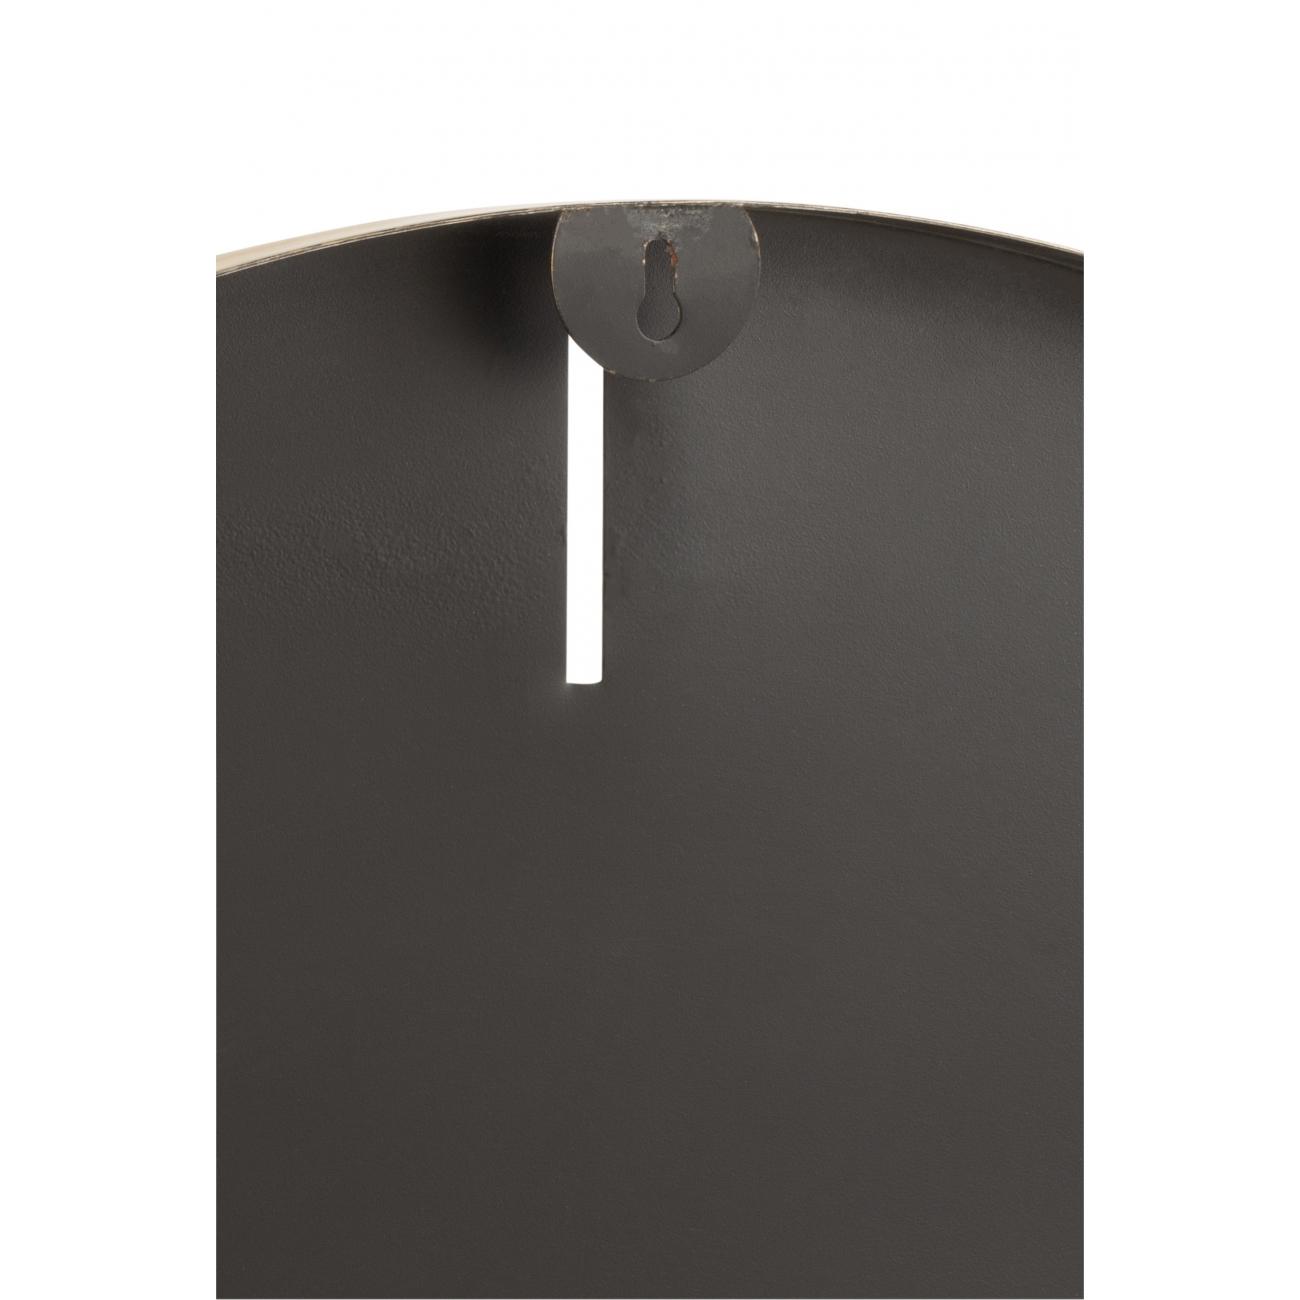 Настенные часы  J-LINE круглые золотистые в матовом алюминиевом корпусе диаметр 76 см Бельгия